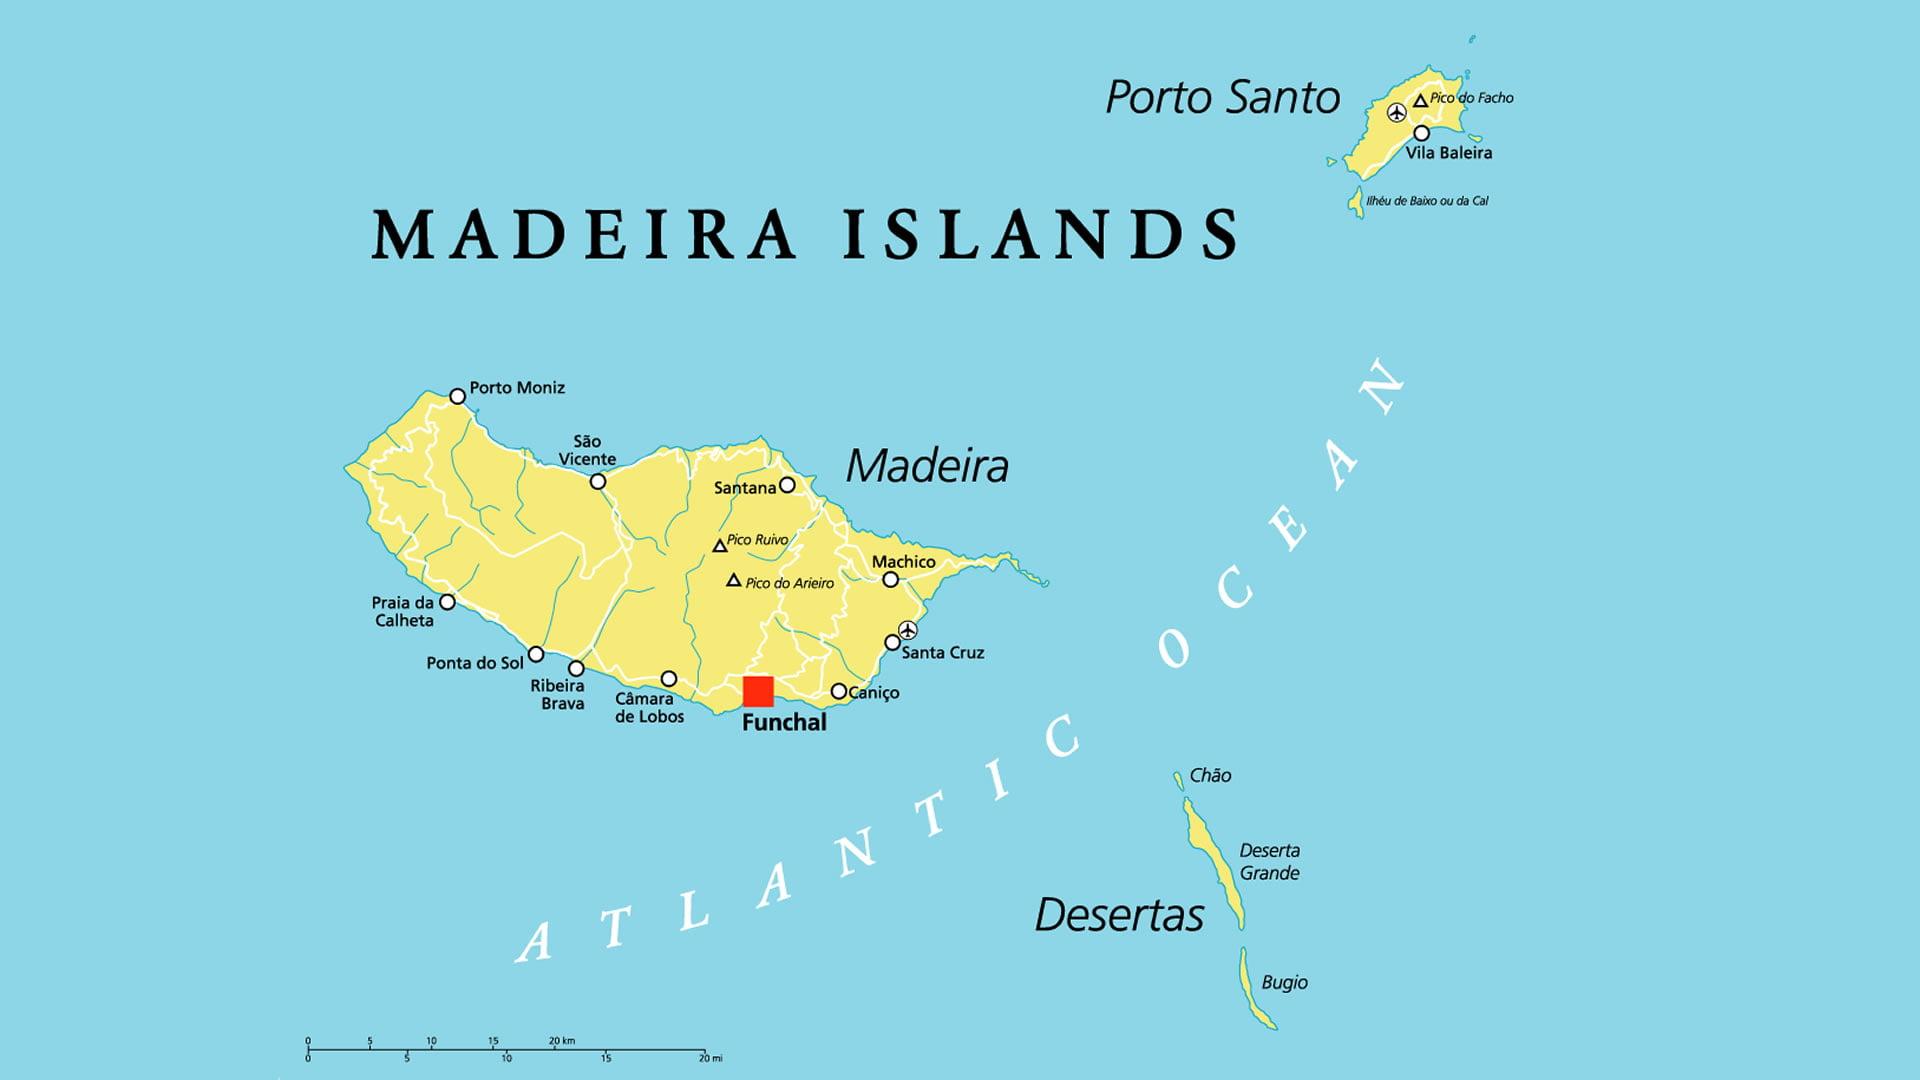 madeira mapa portugal Mapa de Madeira (Portugal) madeira mapa portugal